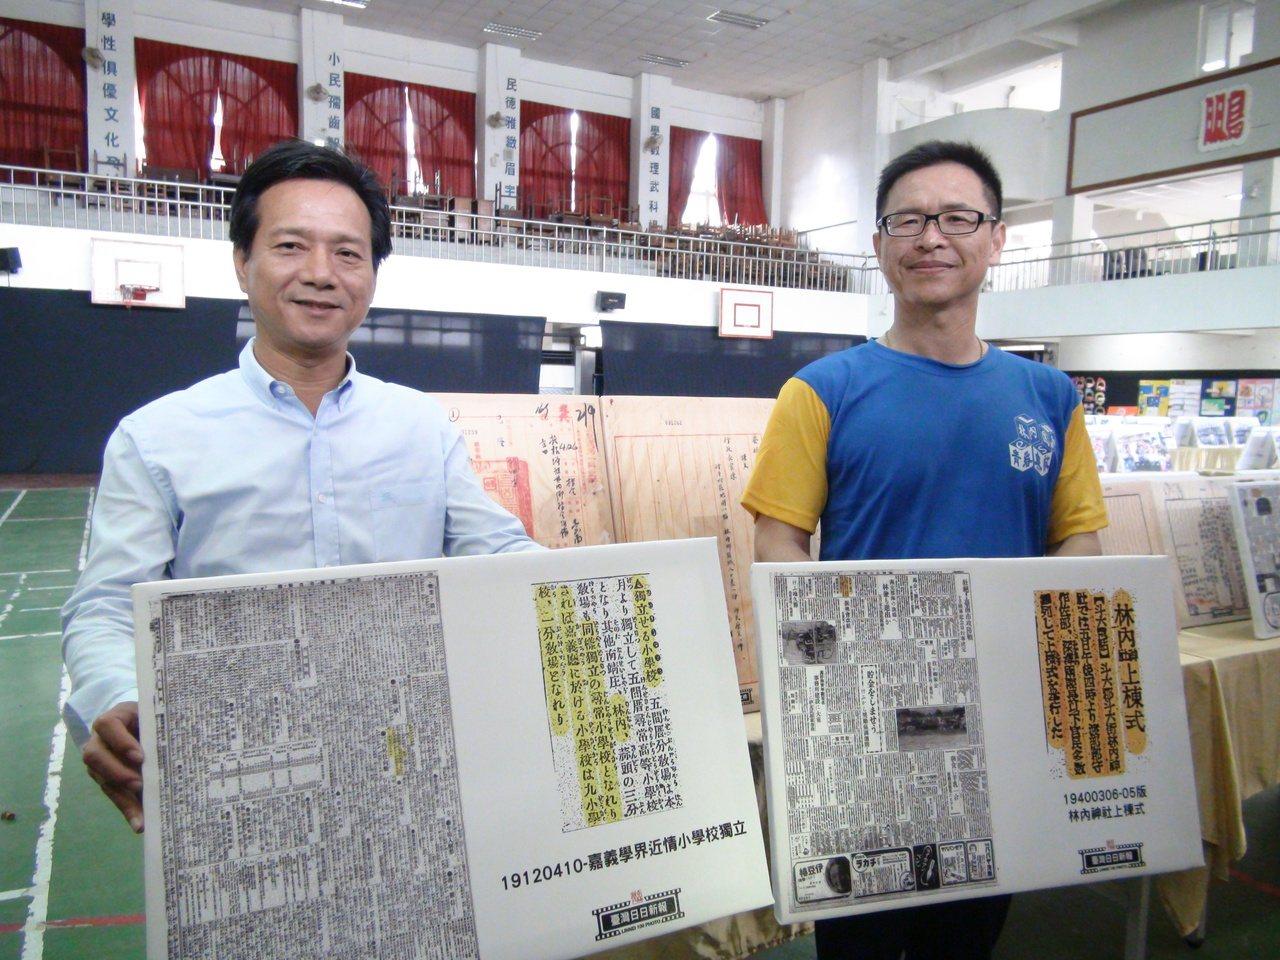 雲林縣林內國小將於下周慶祝創校一百周年,林內鄉長張維崢(左)表示,這次校慶校方蒐...